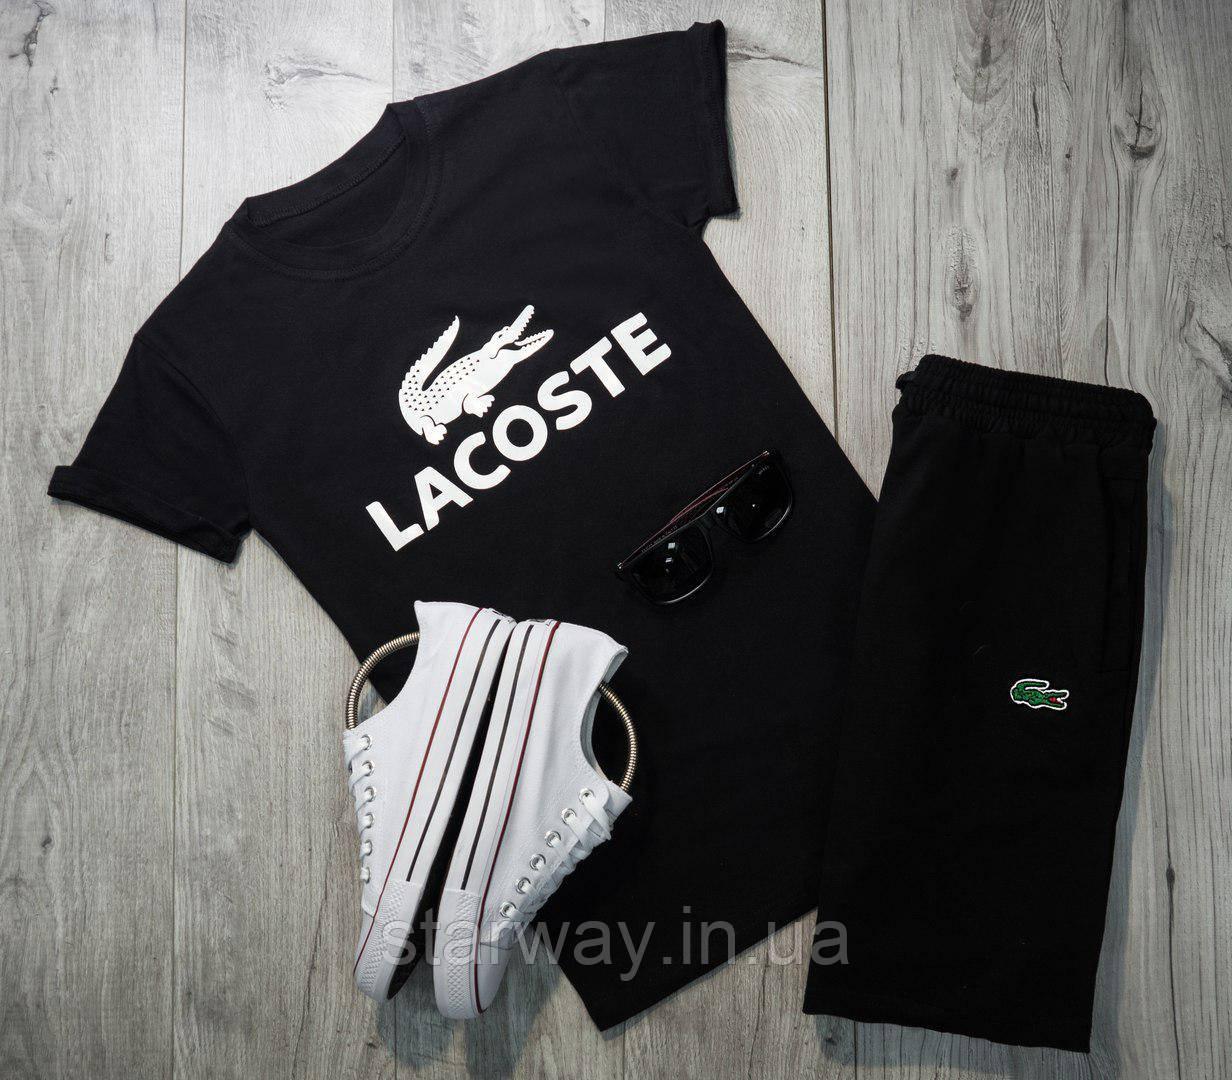 Футболка чёрная Lacoste logo | Стильная